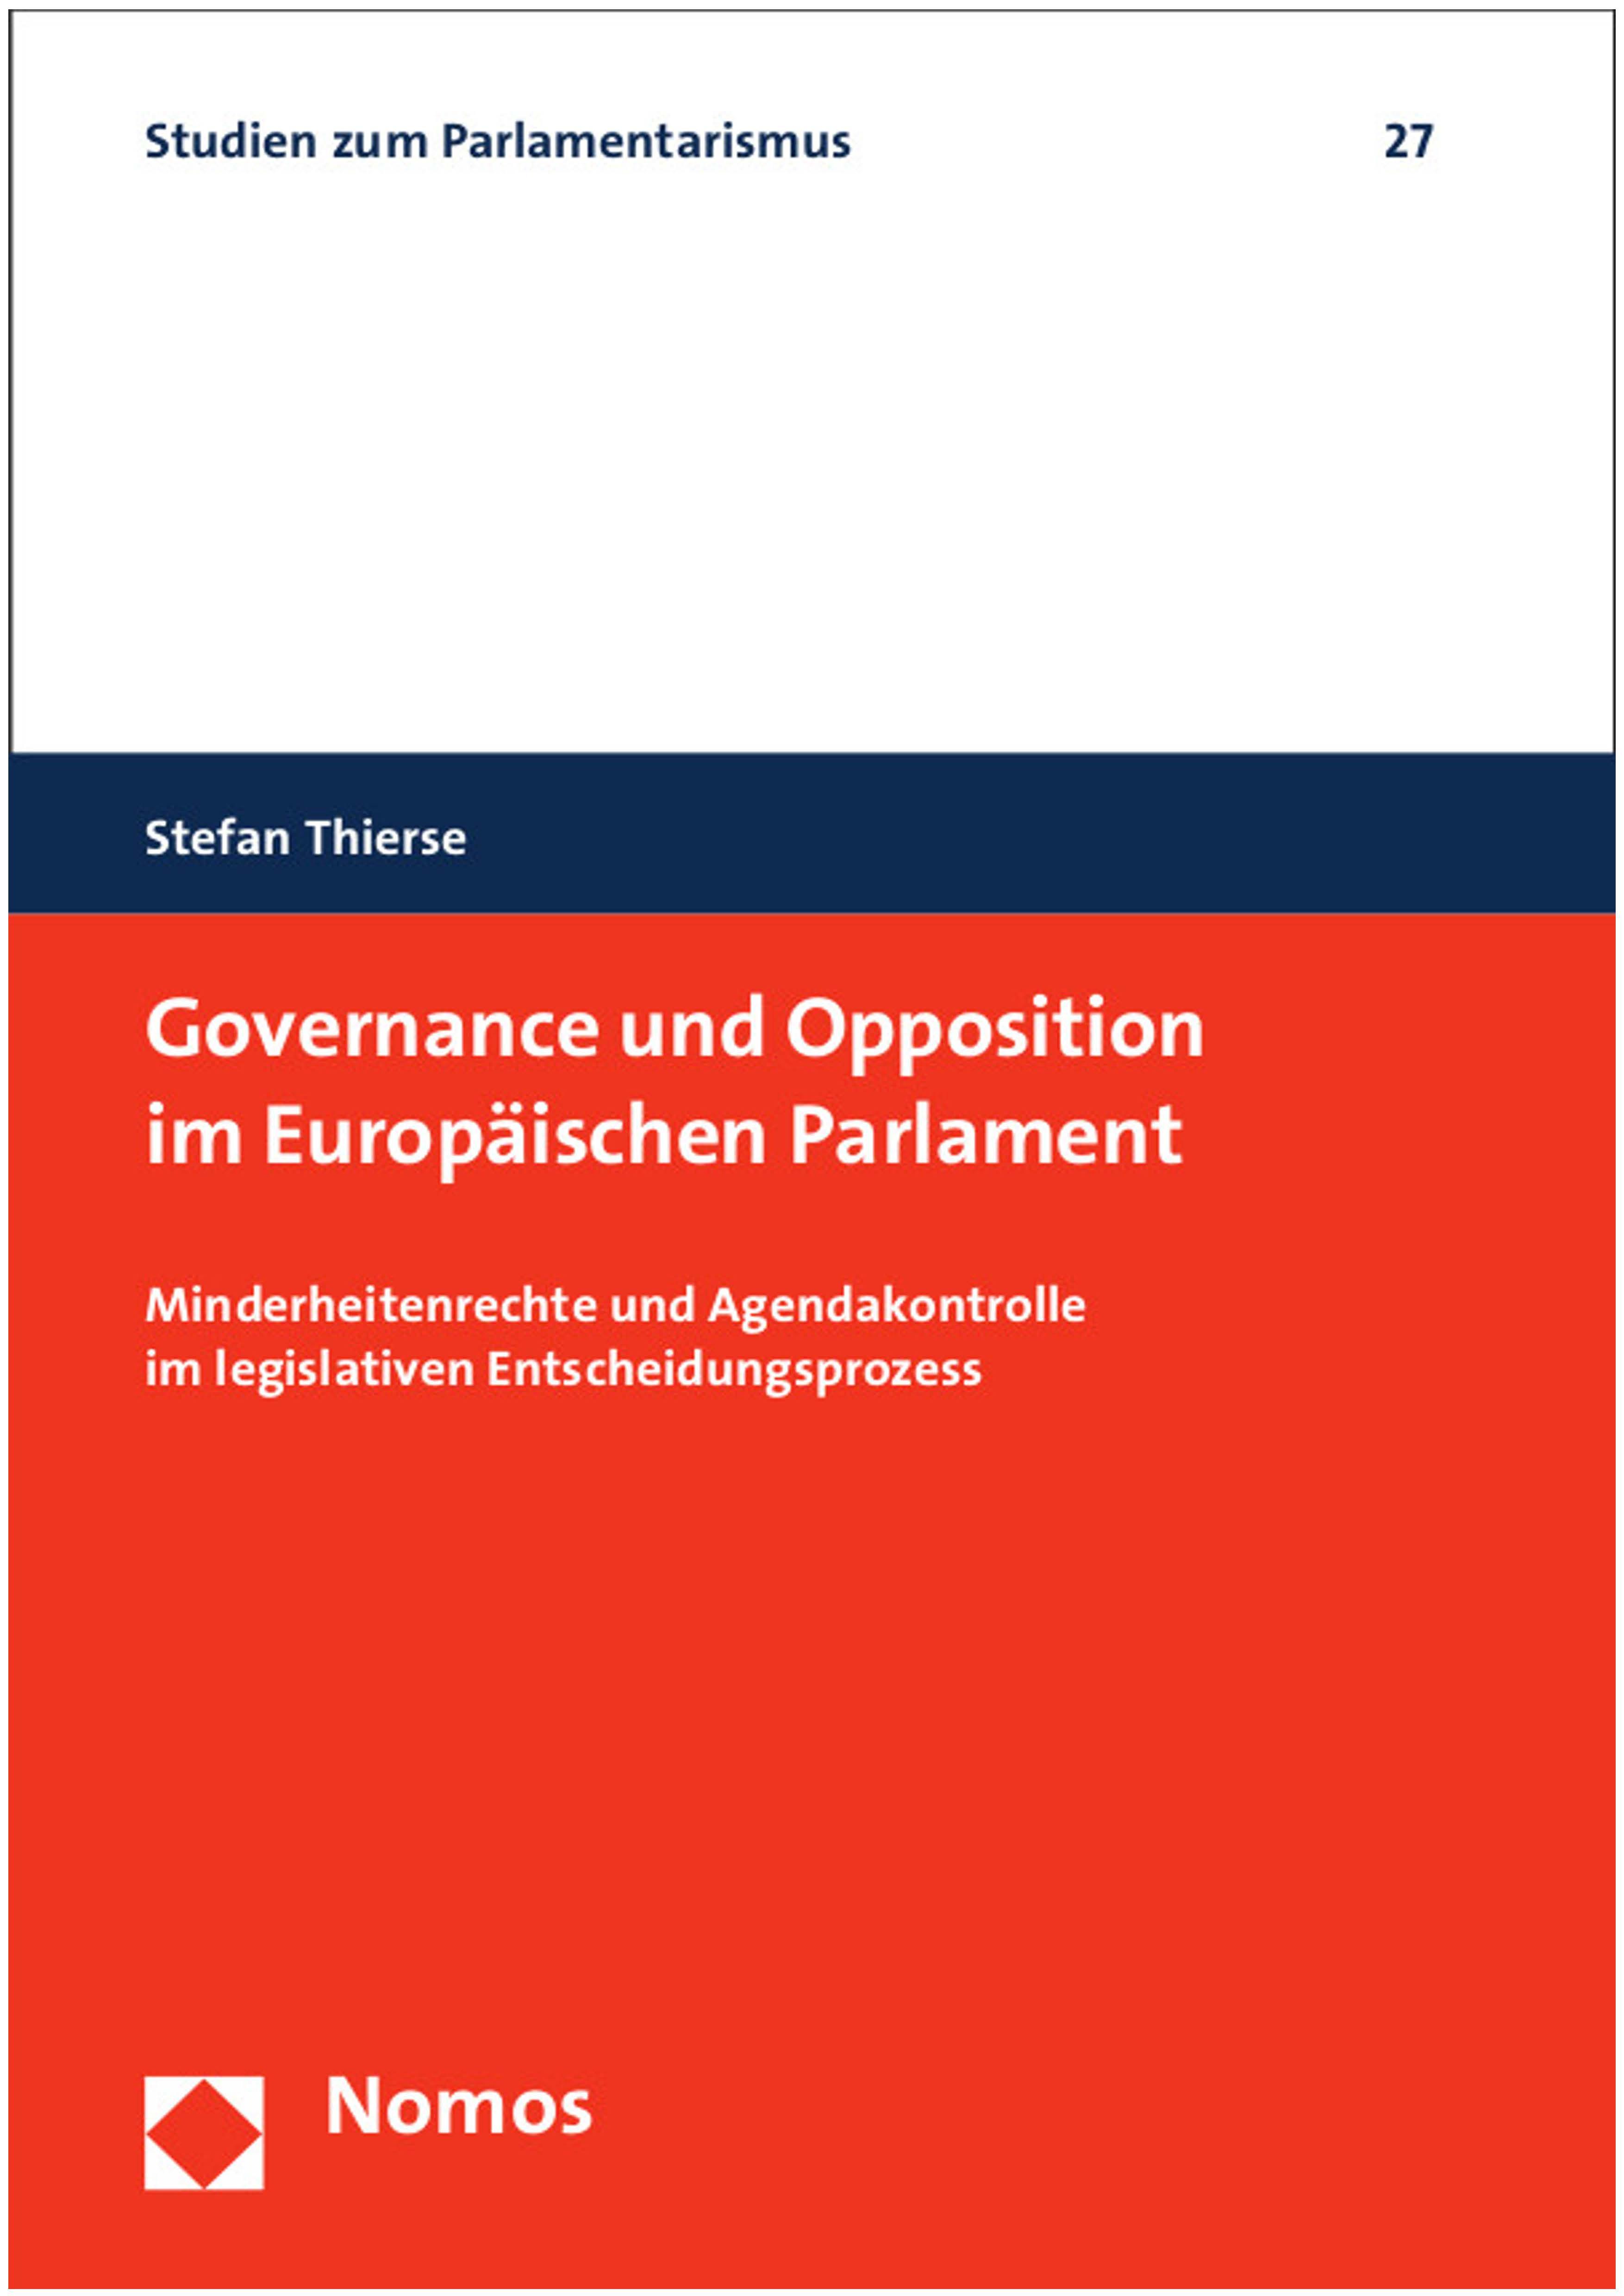 Dr. Stefan Thierse: Governance und Opposition im Europäischen Parlament.